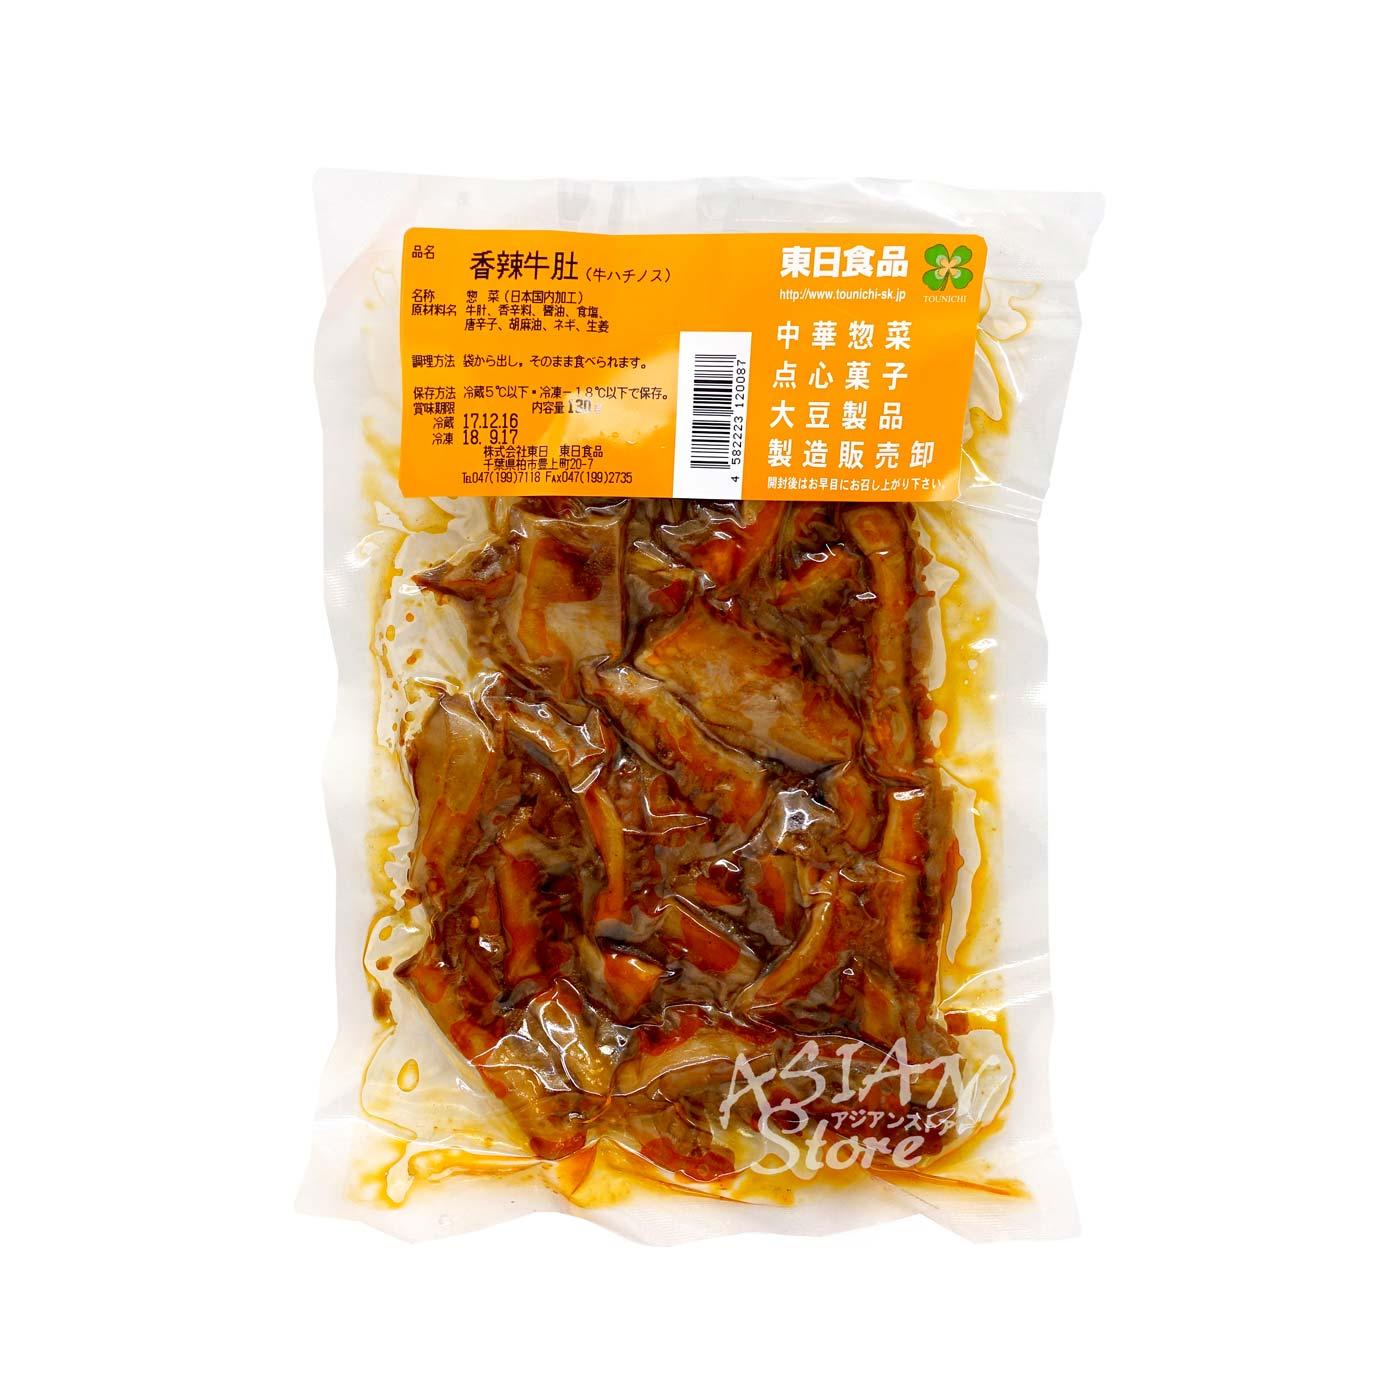 【冷蔵便】辛口牛ハチノススライス/東日牌香辣牛肚糸130g